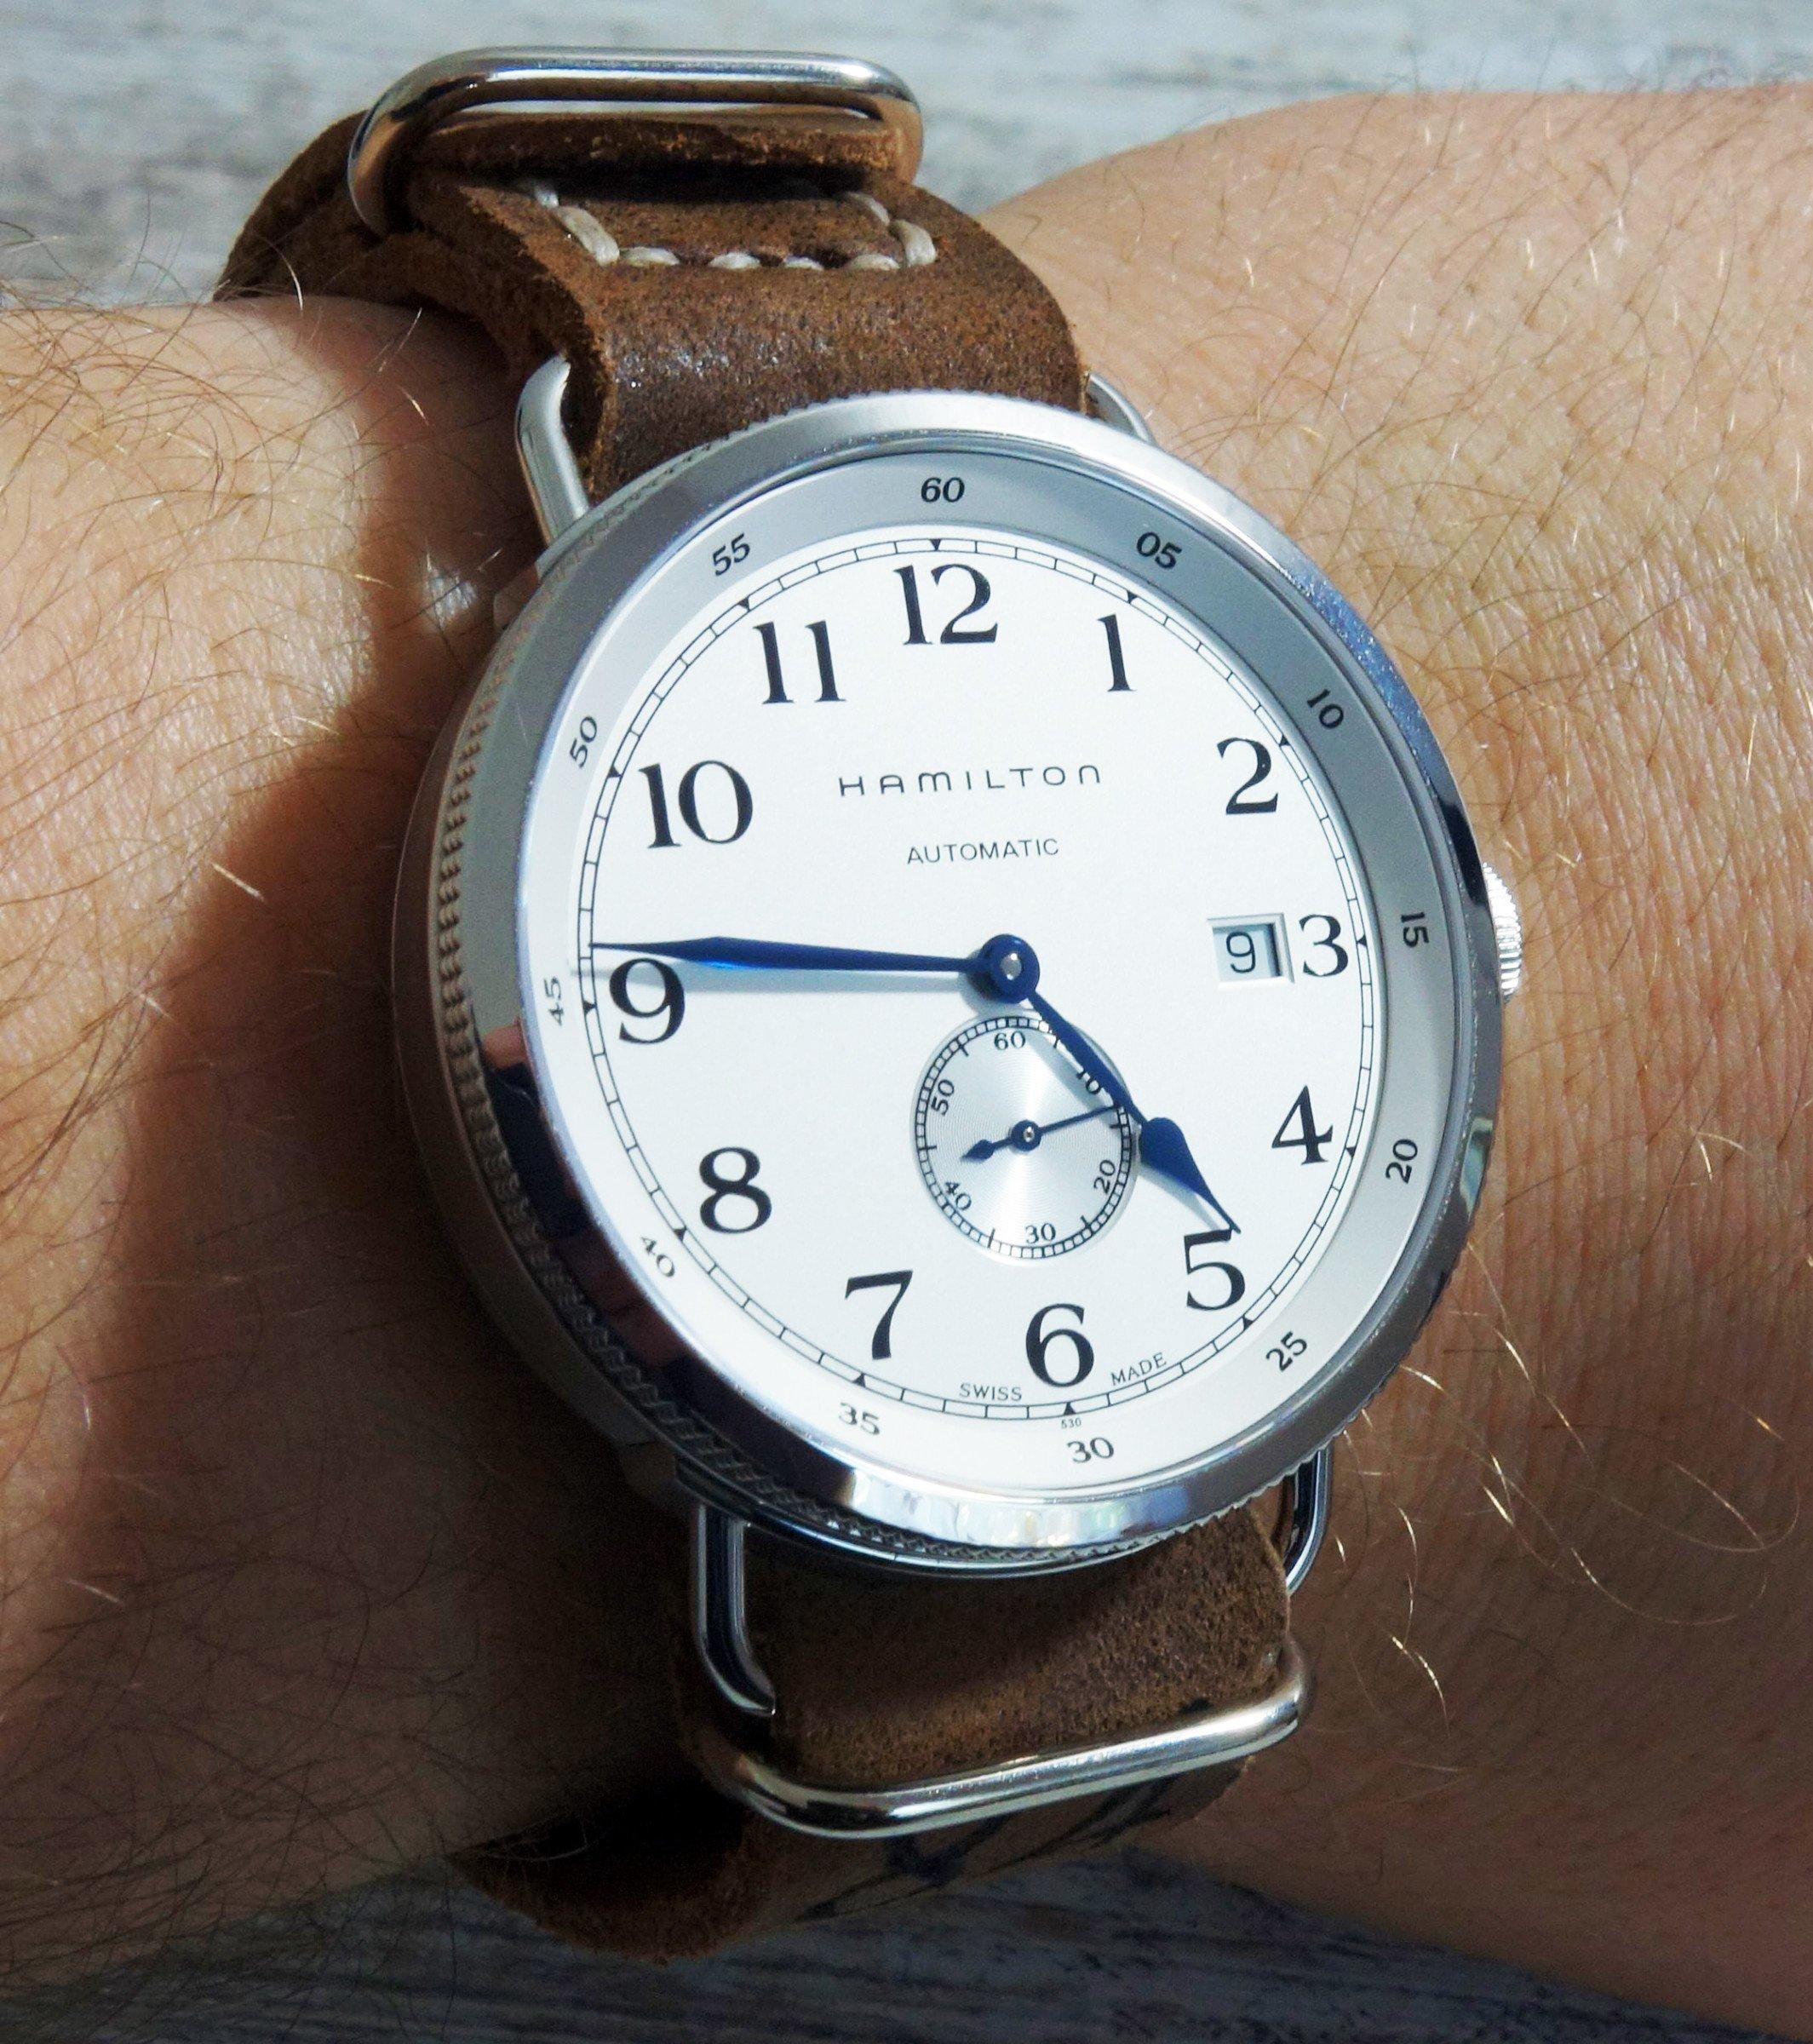 Enlarge your Watch! Unterlagenband, NATO-Lederband und Knoten ...